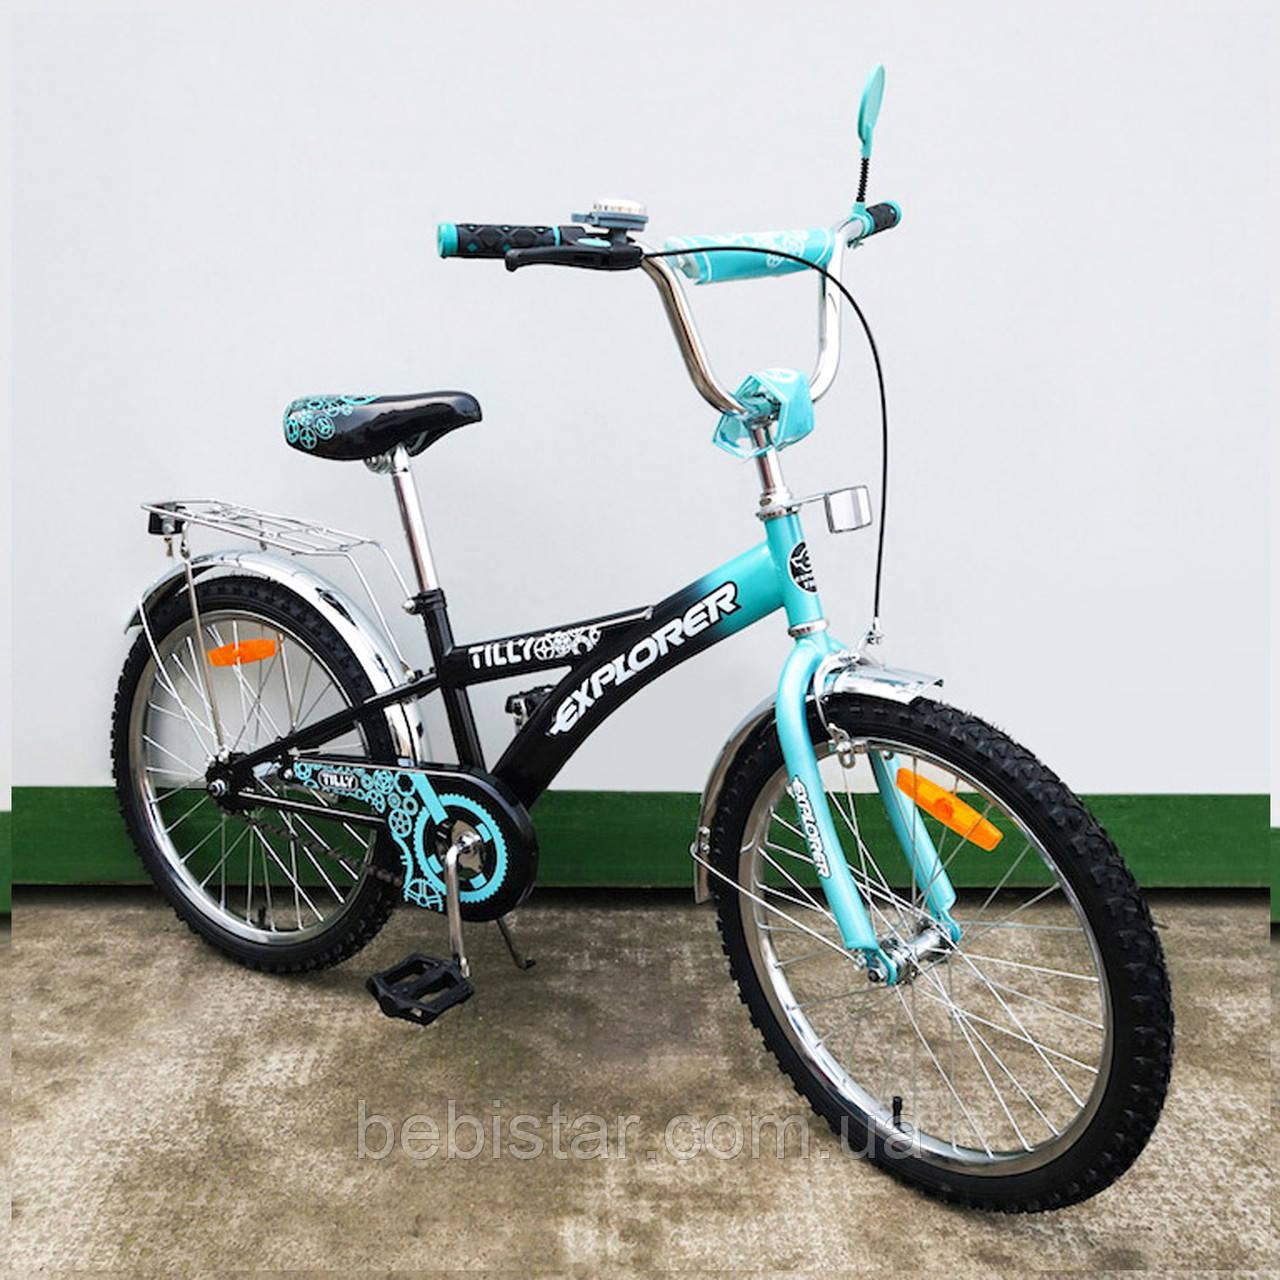 Детский двухколесный велосипед черный с бирюзой TILLY EXPLORER 20  для деток 6-9 лет